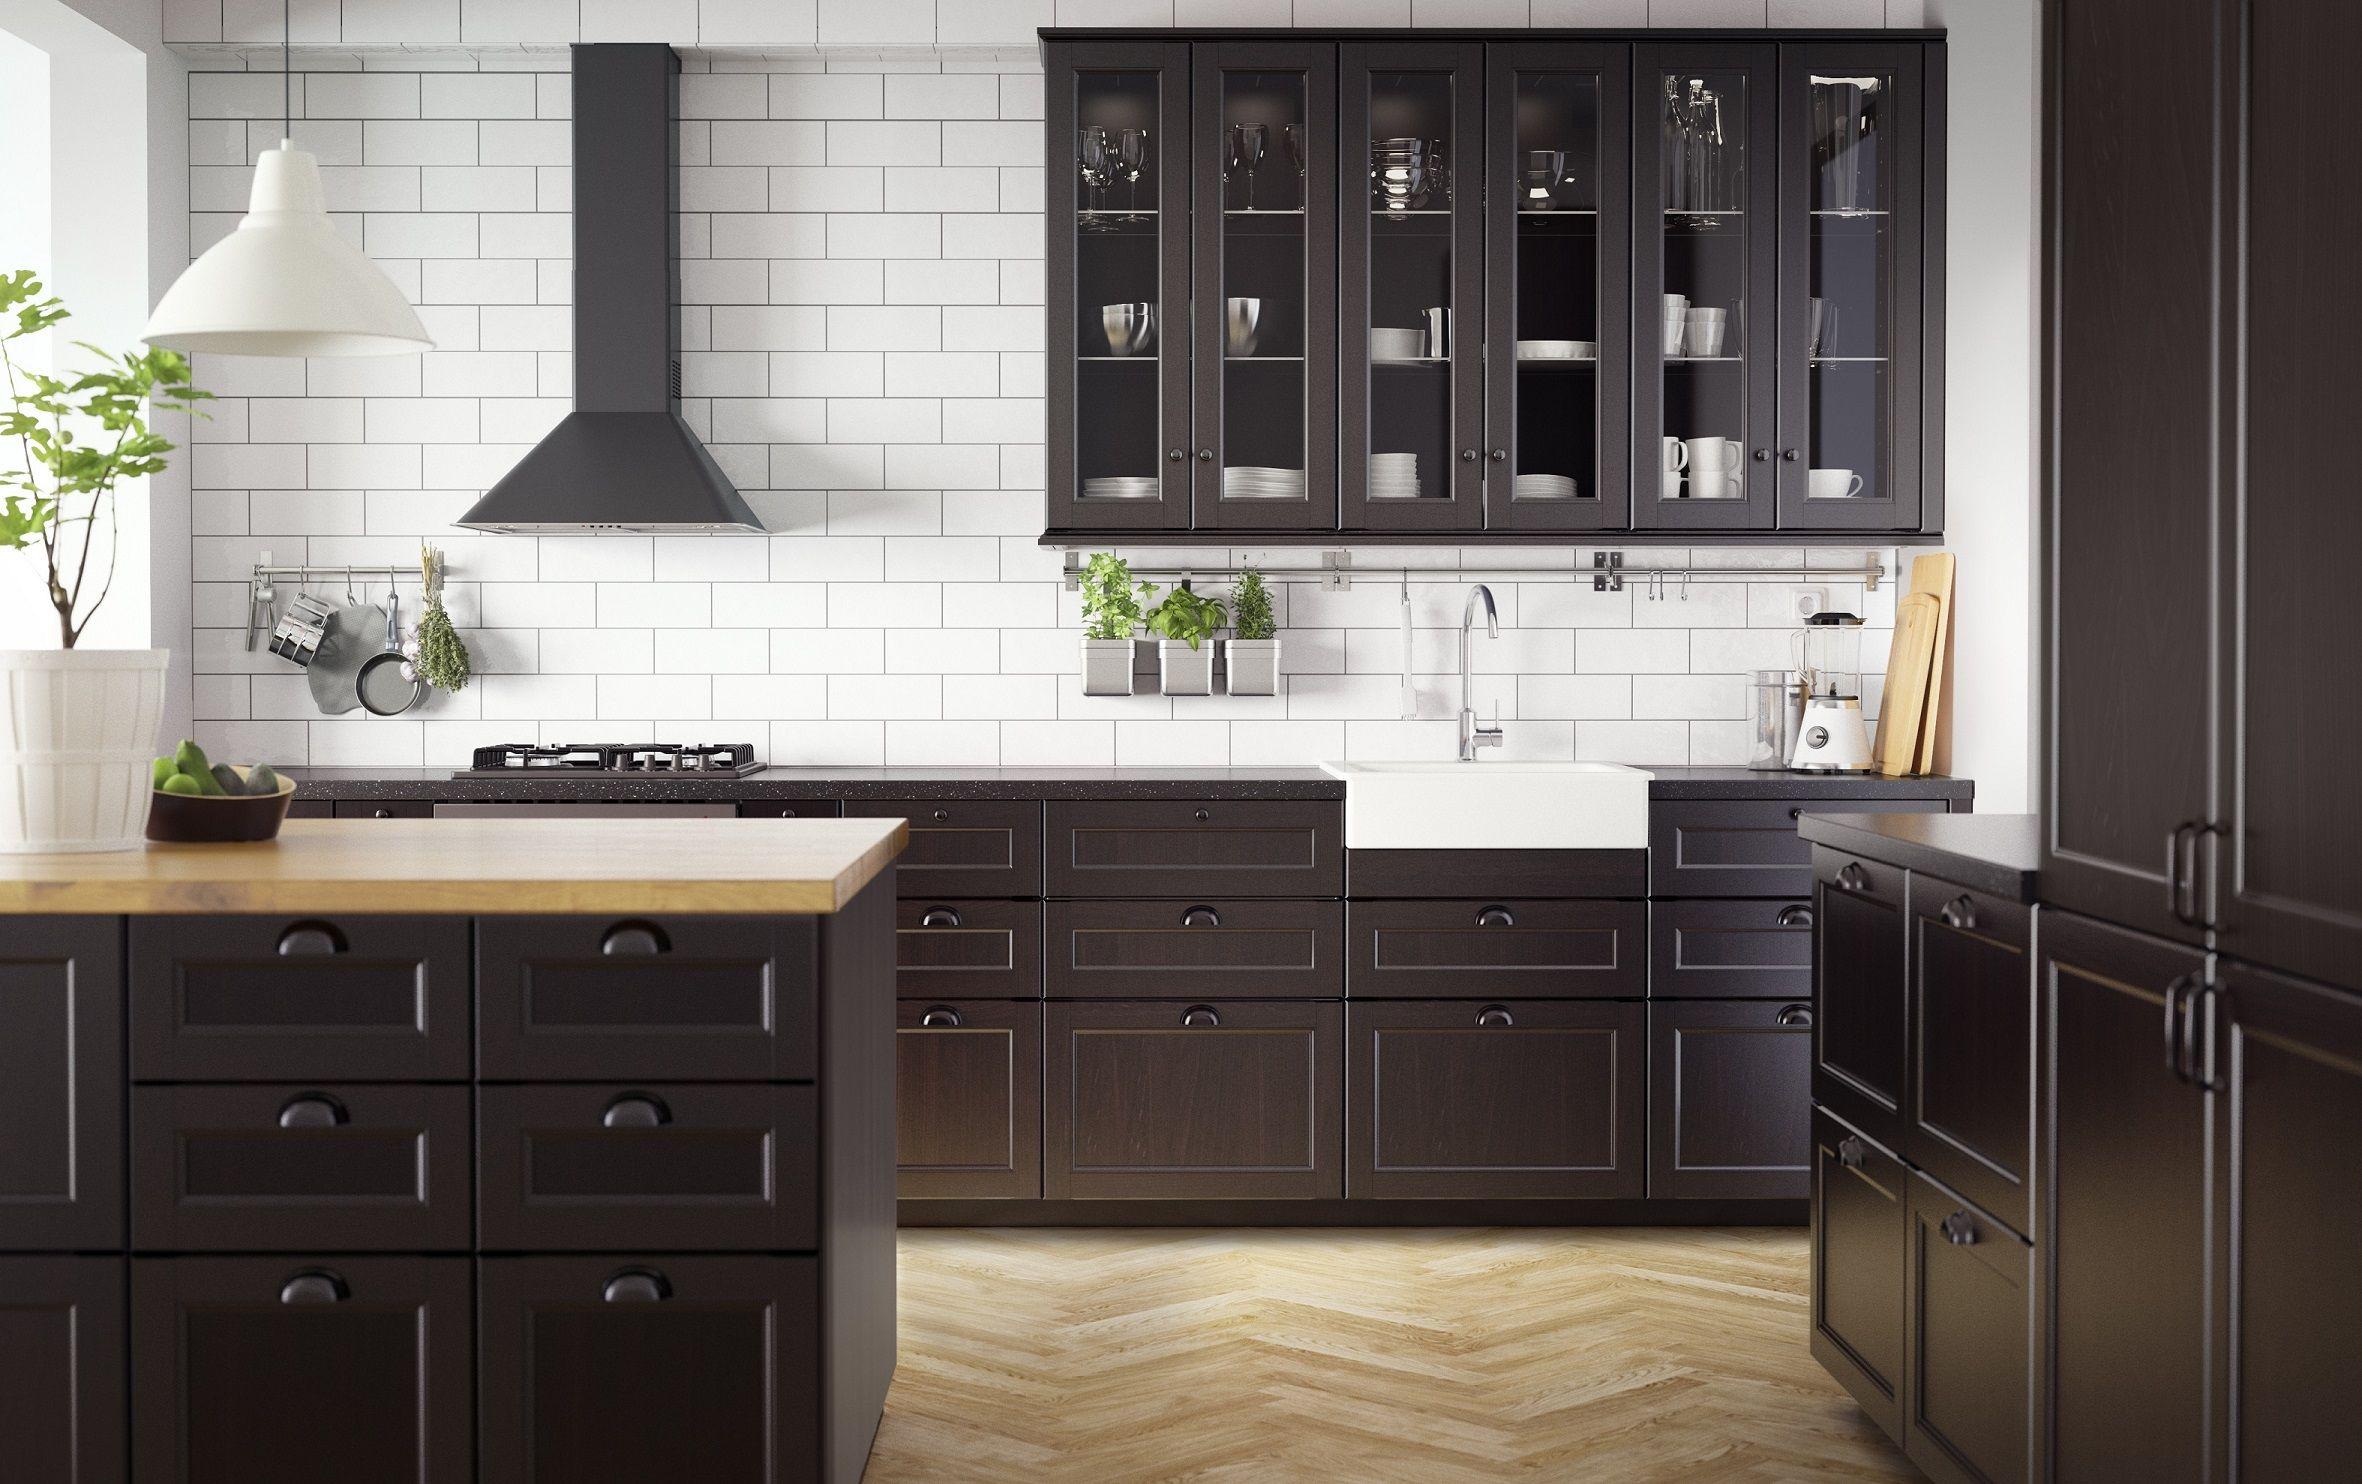 Metod Keuken Ikea : Metod keuken ikea ikeanl donker traditioneel keukensysteem